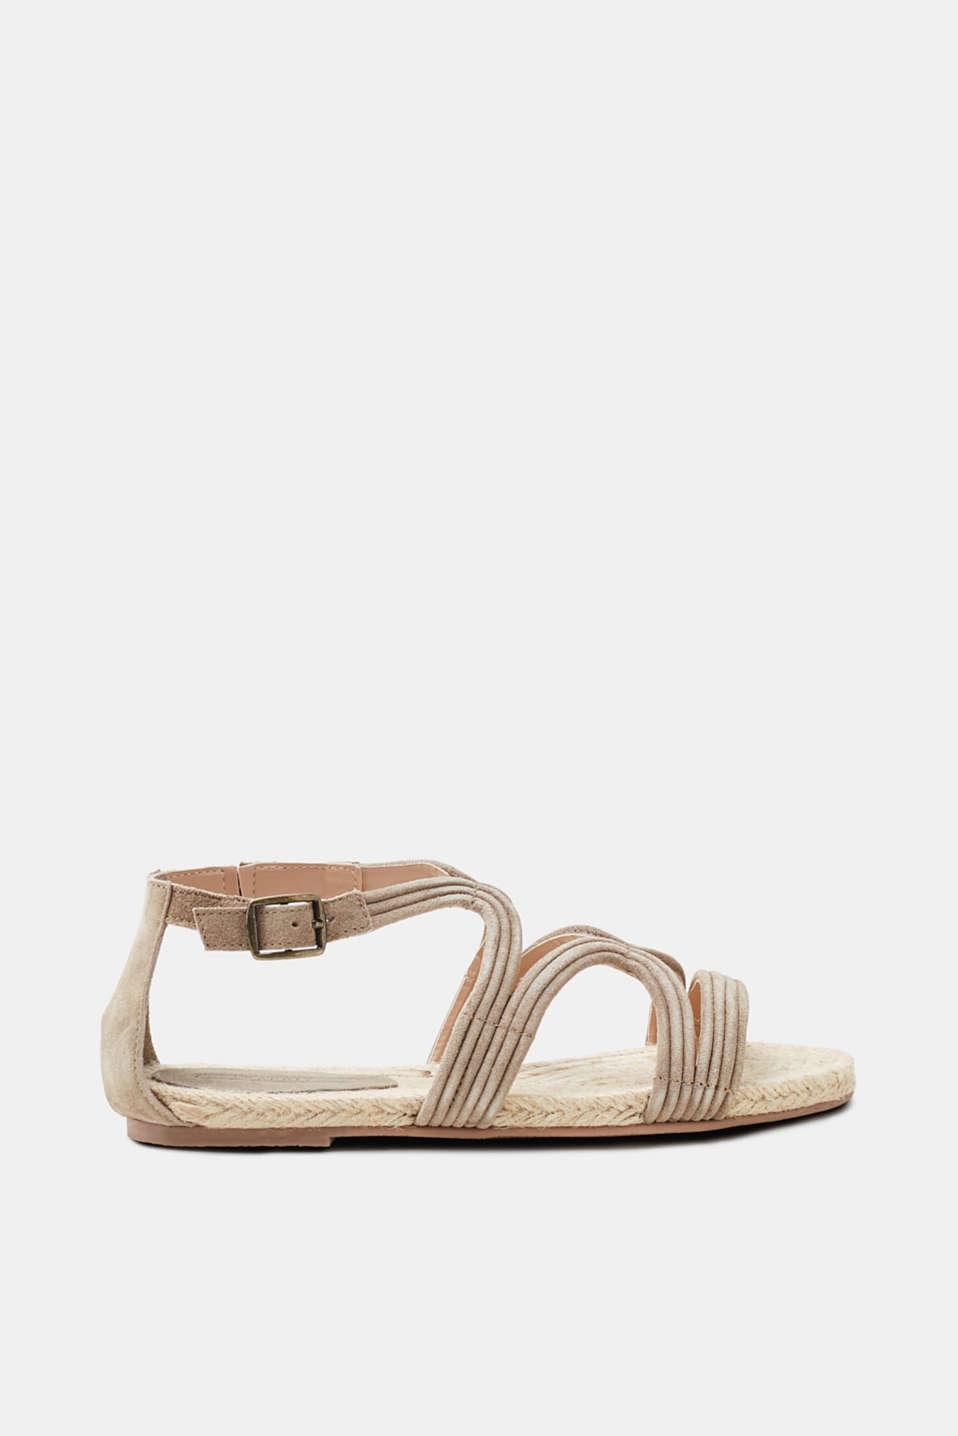 Esprit Sandale mit Bast-Sohle und Leder-Riemen für Damen, Größe 41, Navy